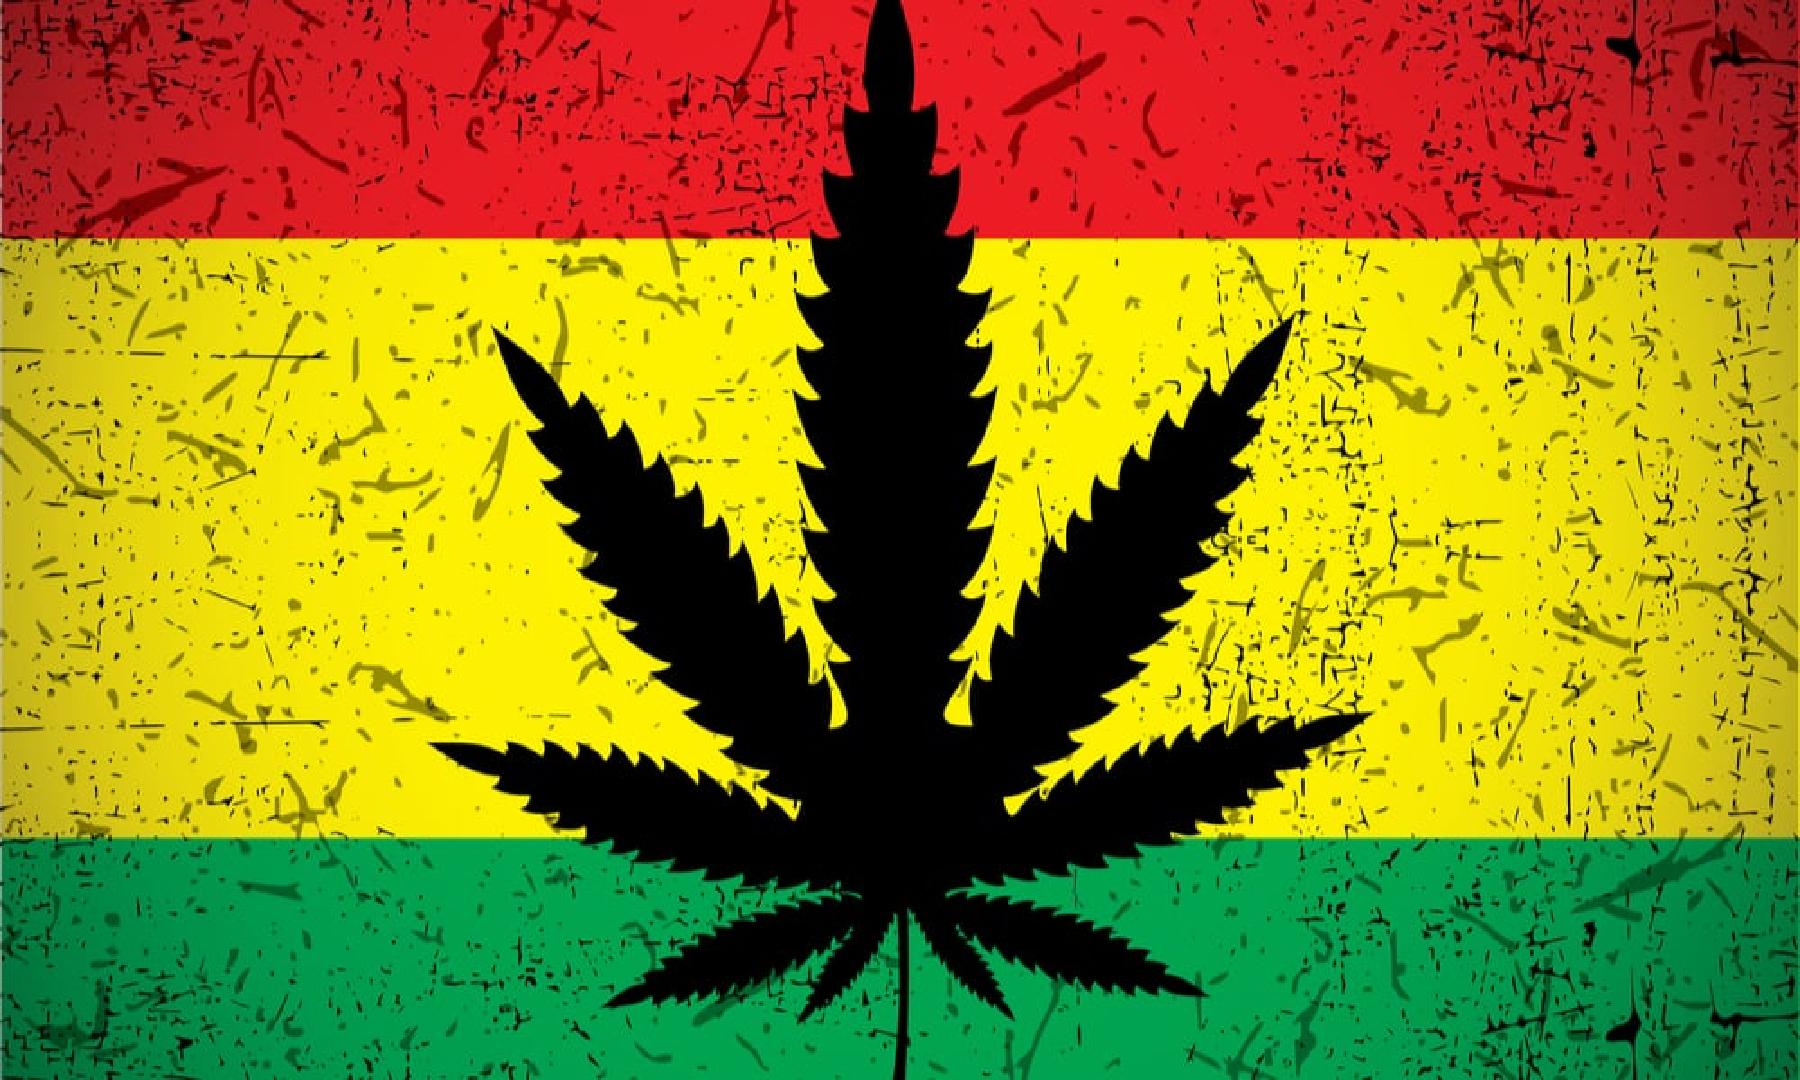 Конопля jamaica чехол с марихуаной айфон 4